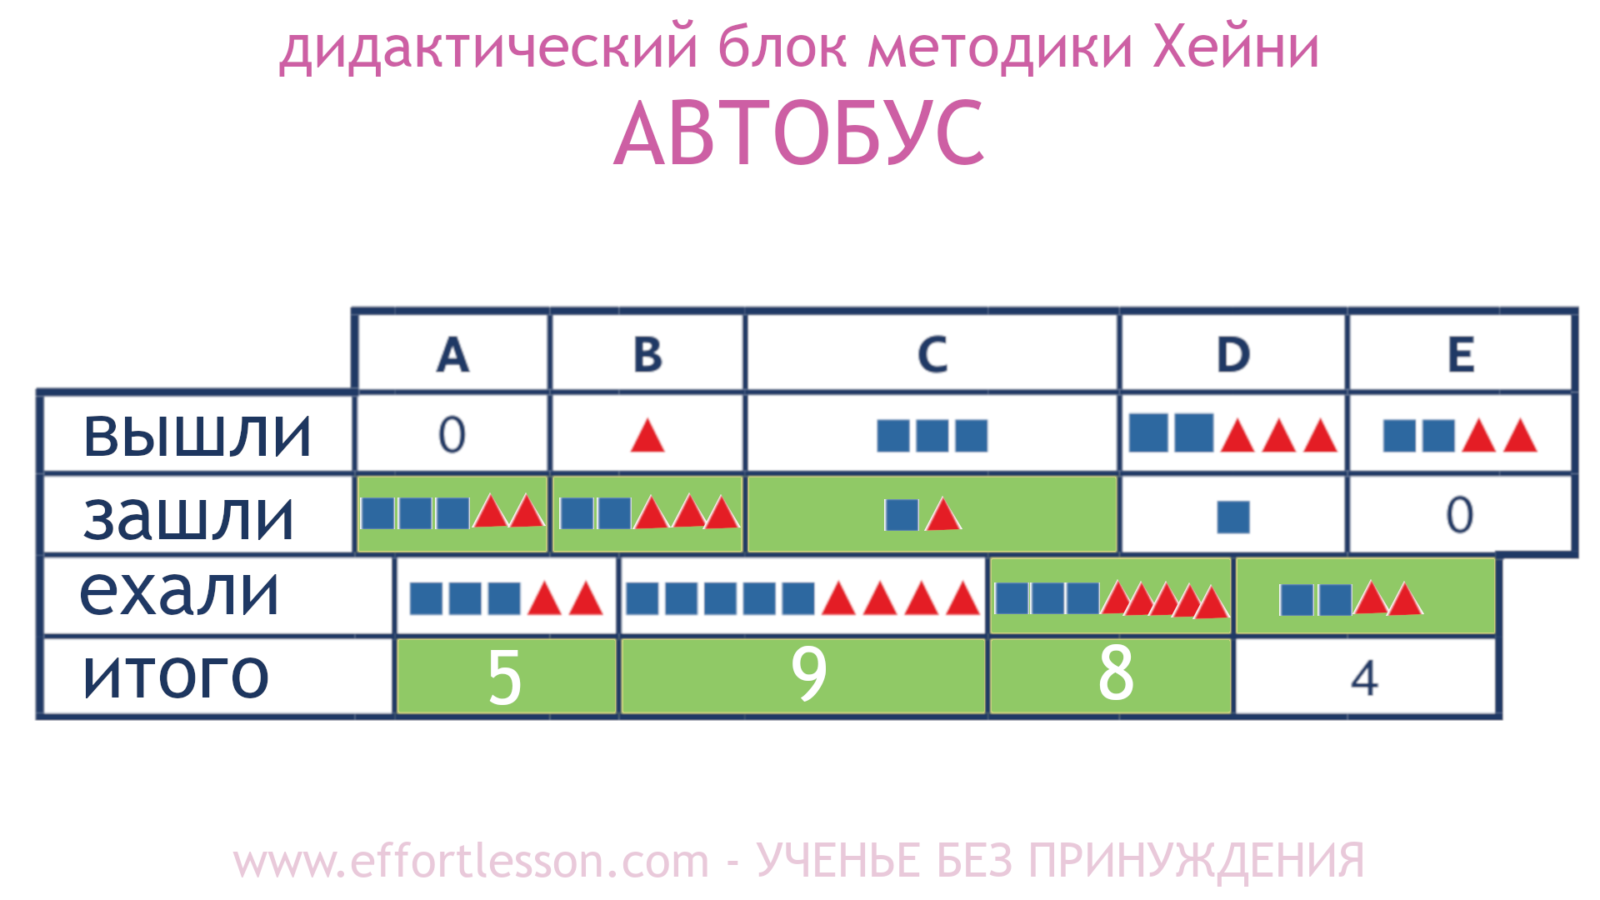 Таблица Автобус метод Хейни 2.1